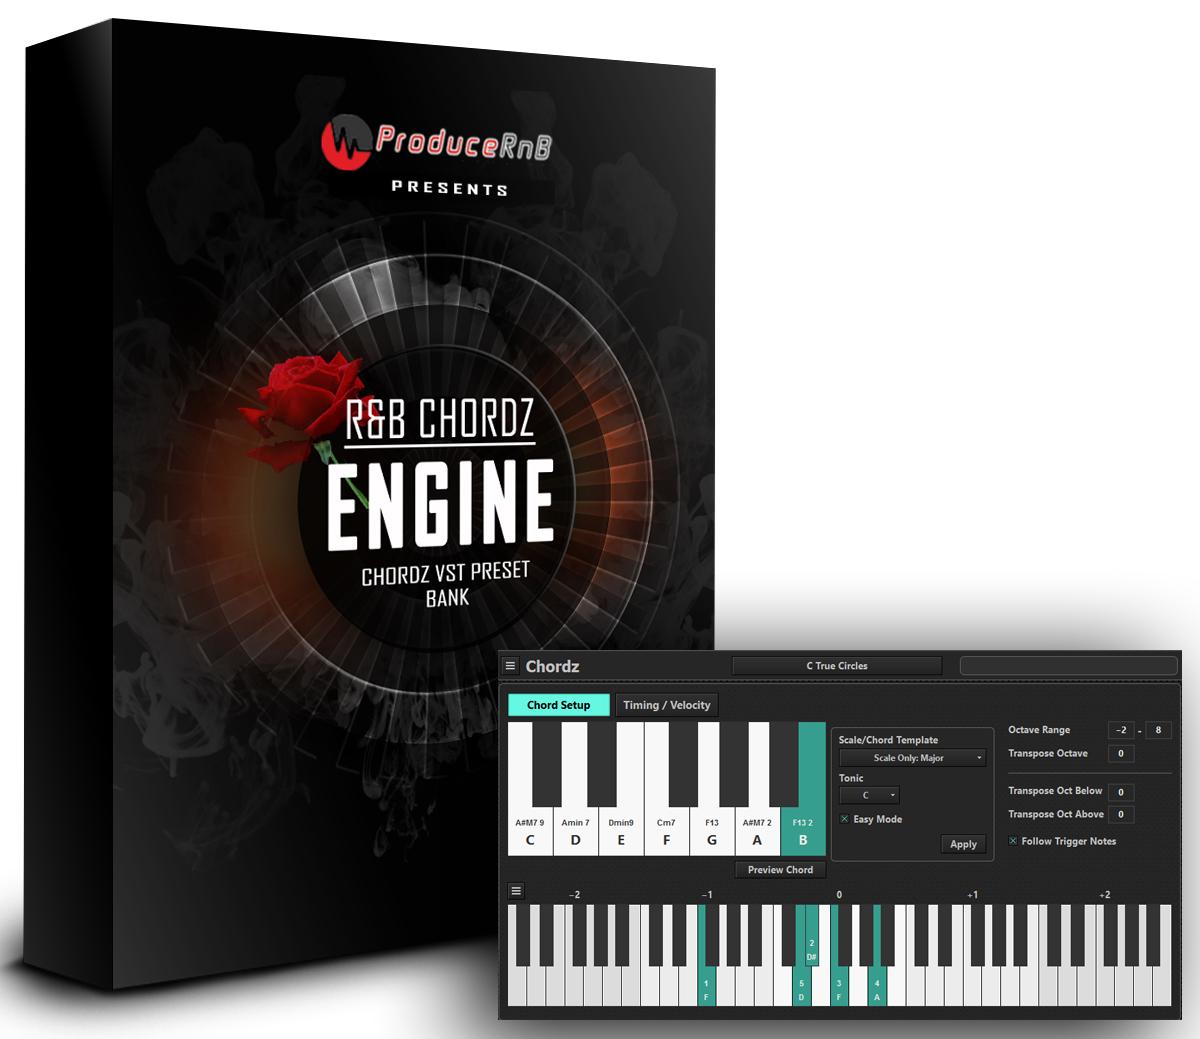 The R&B Chordz Engine